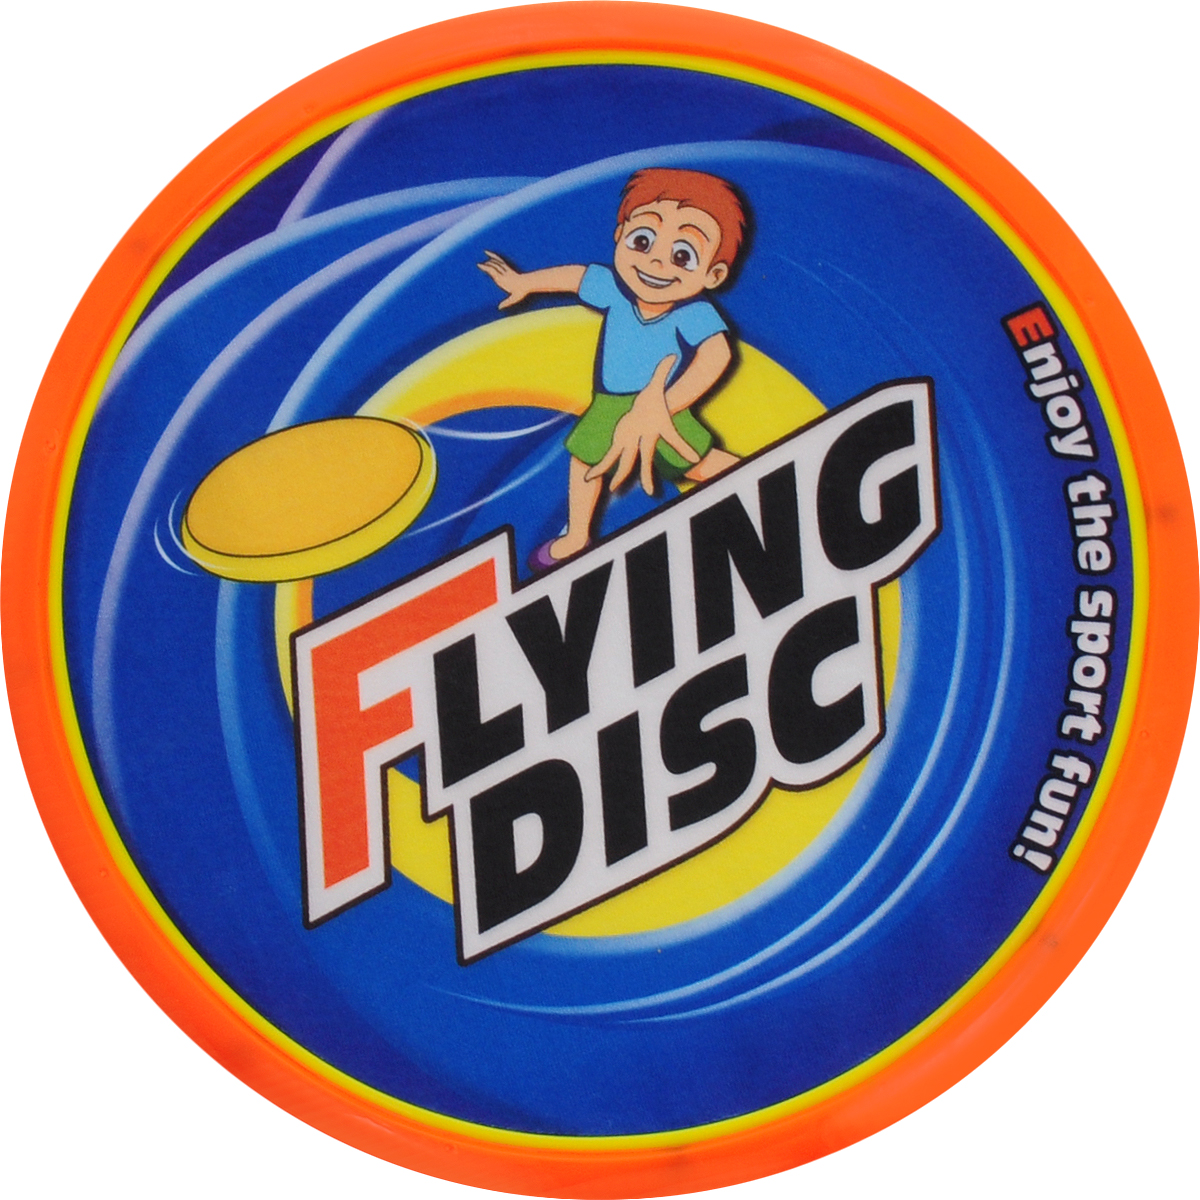 YG Sport Летающая тарелка диаметр цвет оранжевый синий 20 см